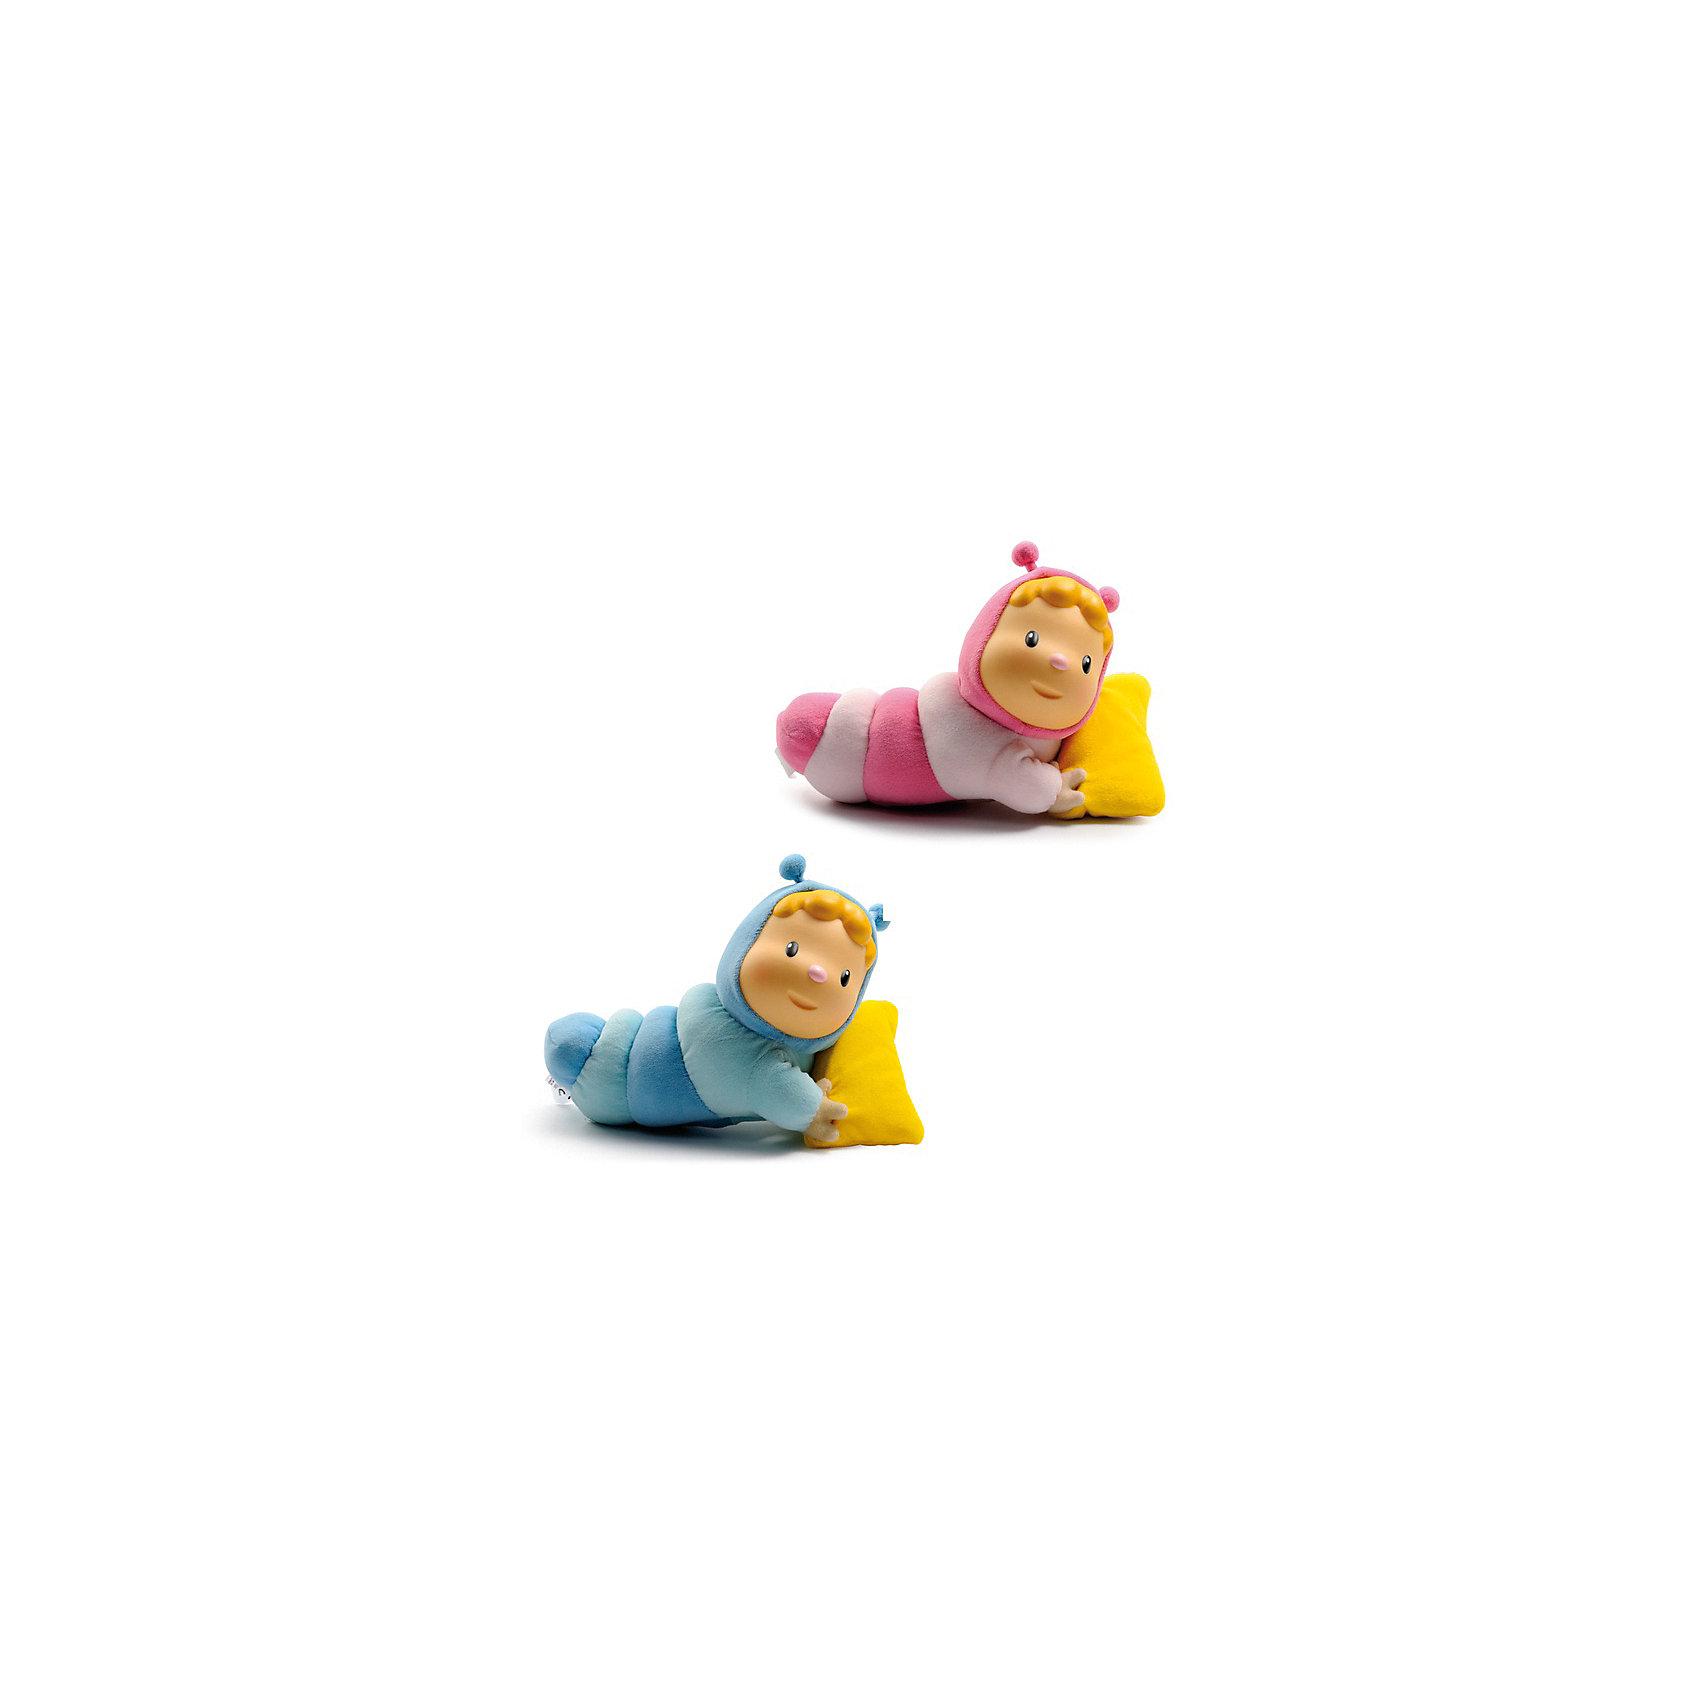 Кукла-ночник, SmobyЛампы, ночники, фонарики<br>Характеристики товара:<br><br>• возраст с рождения<br>• материал: пластик, текстиль<br>• тип батареек: 3 x AAA / LR03 1.5V (мизинчиковые)<br>• наличие батареек: не входят в комплект<br>• размер игрушки 22х17х14 см<br>• размер упаковки 25х20х17 см<br>• вес упаковки 415 г.<br>• страна бренда: Франция<br>• страна производитель: Китай<br>• товар представлен в ассортименте<br><br>Кукла-ночник Smoby поможет маме убаюкать кроху перед сном. Ночник выполнен в виде мягкой гусеницы. Перед сном можно проиграть малышу приятную мелодию. Используется игрушка в 2 режимах: только со светом или со светом и звуком. <br><br>Игрушка изготовлена из мягких гипоаллергенных материлов. Работает от 3 батареек ААА (в комплект не входят).<br><br>Куклу-ночник Smoby можно приобрести в нашем интернет-магазине.<br><br>Ширина мм: 250<br>Глубина мм: 170<br>Высота мм: 200<br>Вес г: 415<br>Возраст от месяцев: -2147483648<br>Возраст до месяцев: 2147483647<br>Пол: Унисекс<br>Возраст: Детский<br>SKU: 5544423